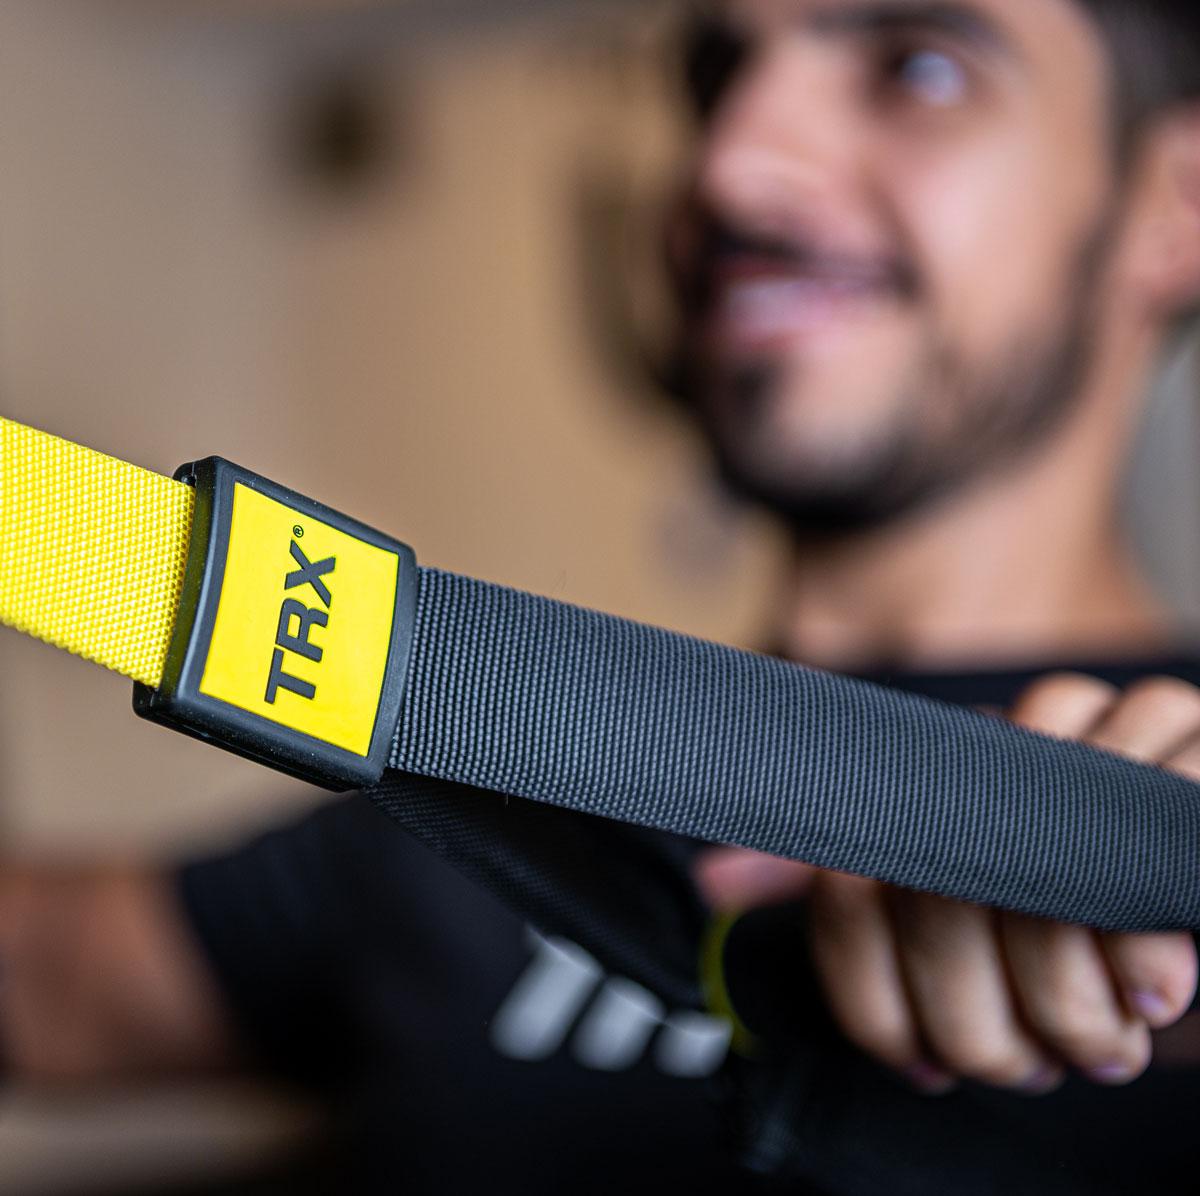 La intensidad de los ejercicios depende del ángulo entre el cuerpo y el suelo y de la estabilidad. Por eso es recomendable para casi todos, estando casi en cualquier estado físico.